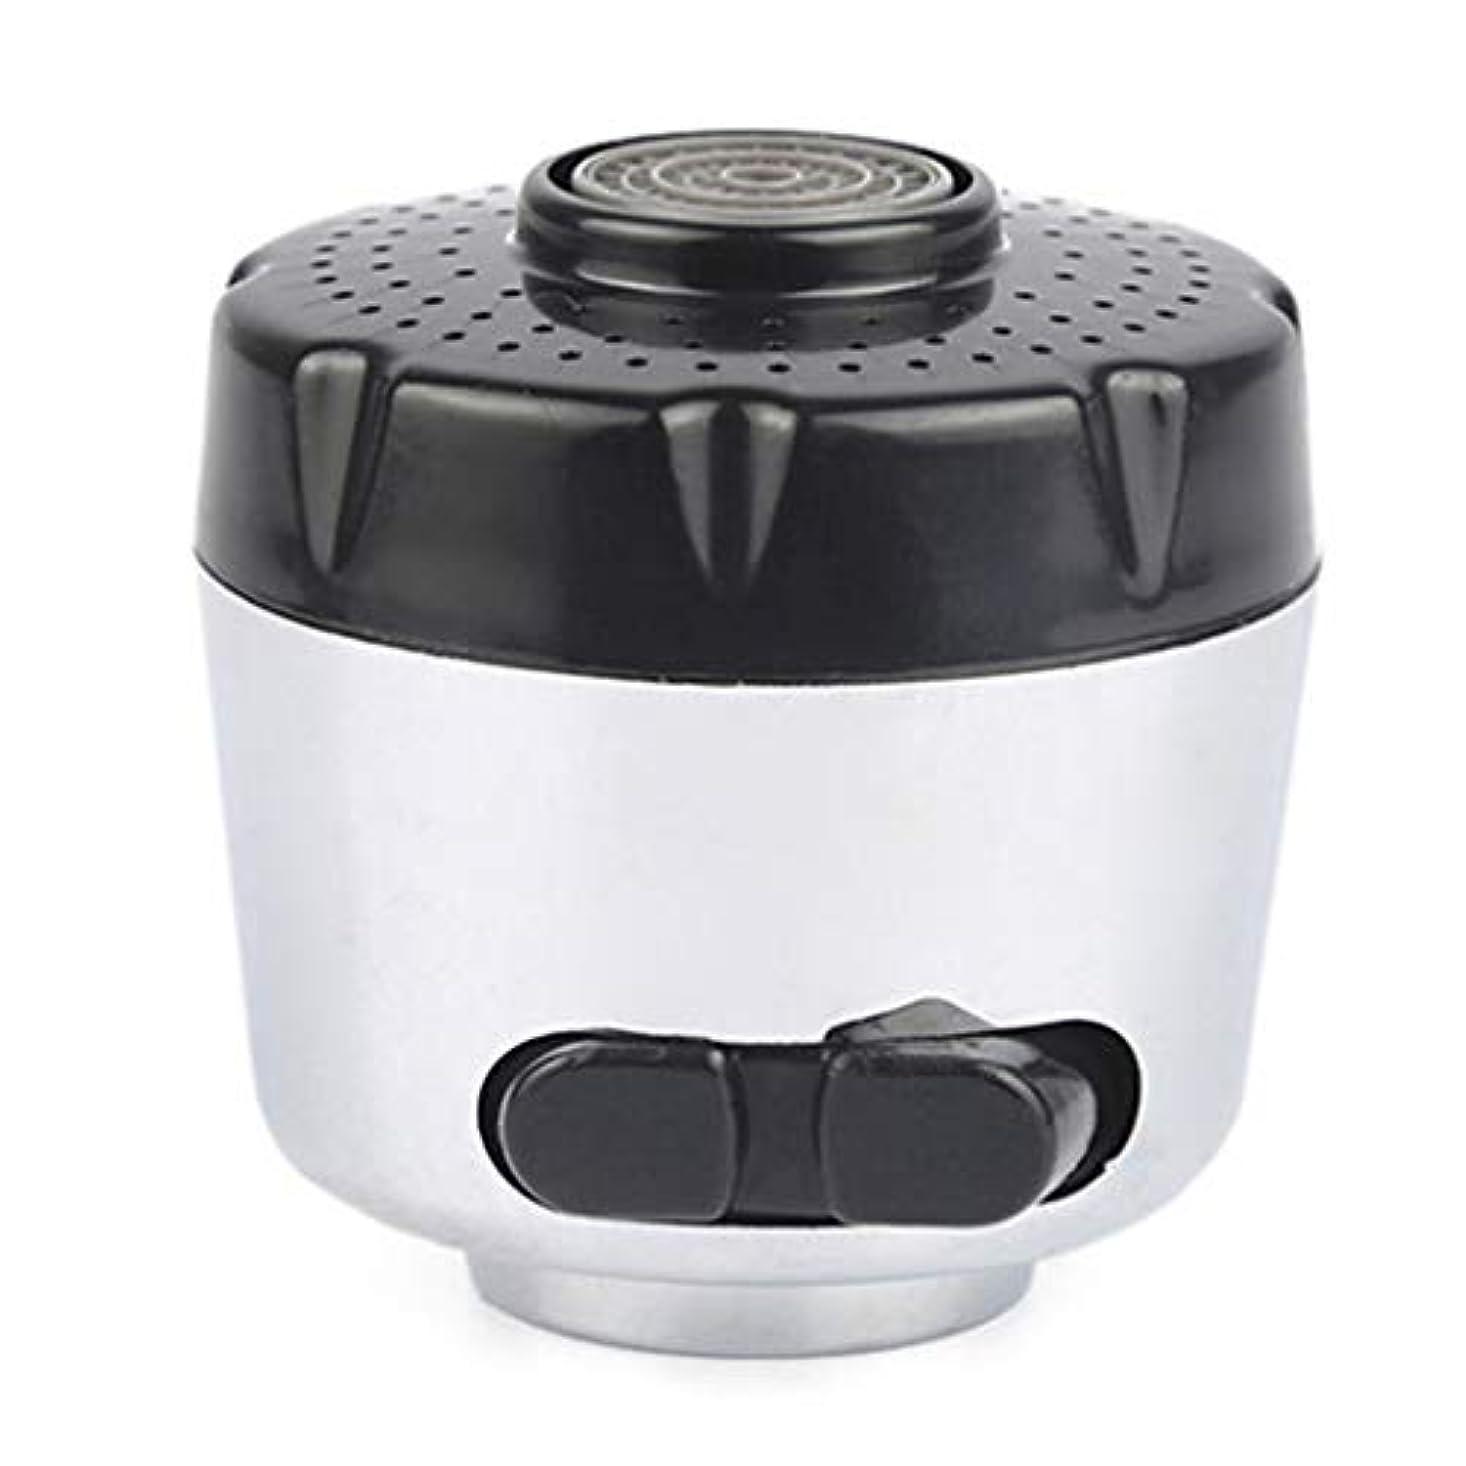 構築する本体系統的Toporchid 蛇口ノズルエアレーター洗浄ポンプ噴霧器節水蛇口フィルターヘッド360度調整可能な蛇口ノズル(style1)